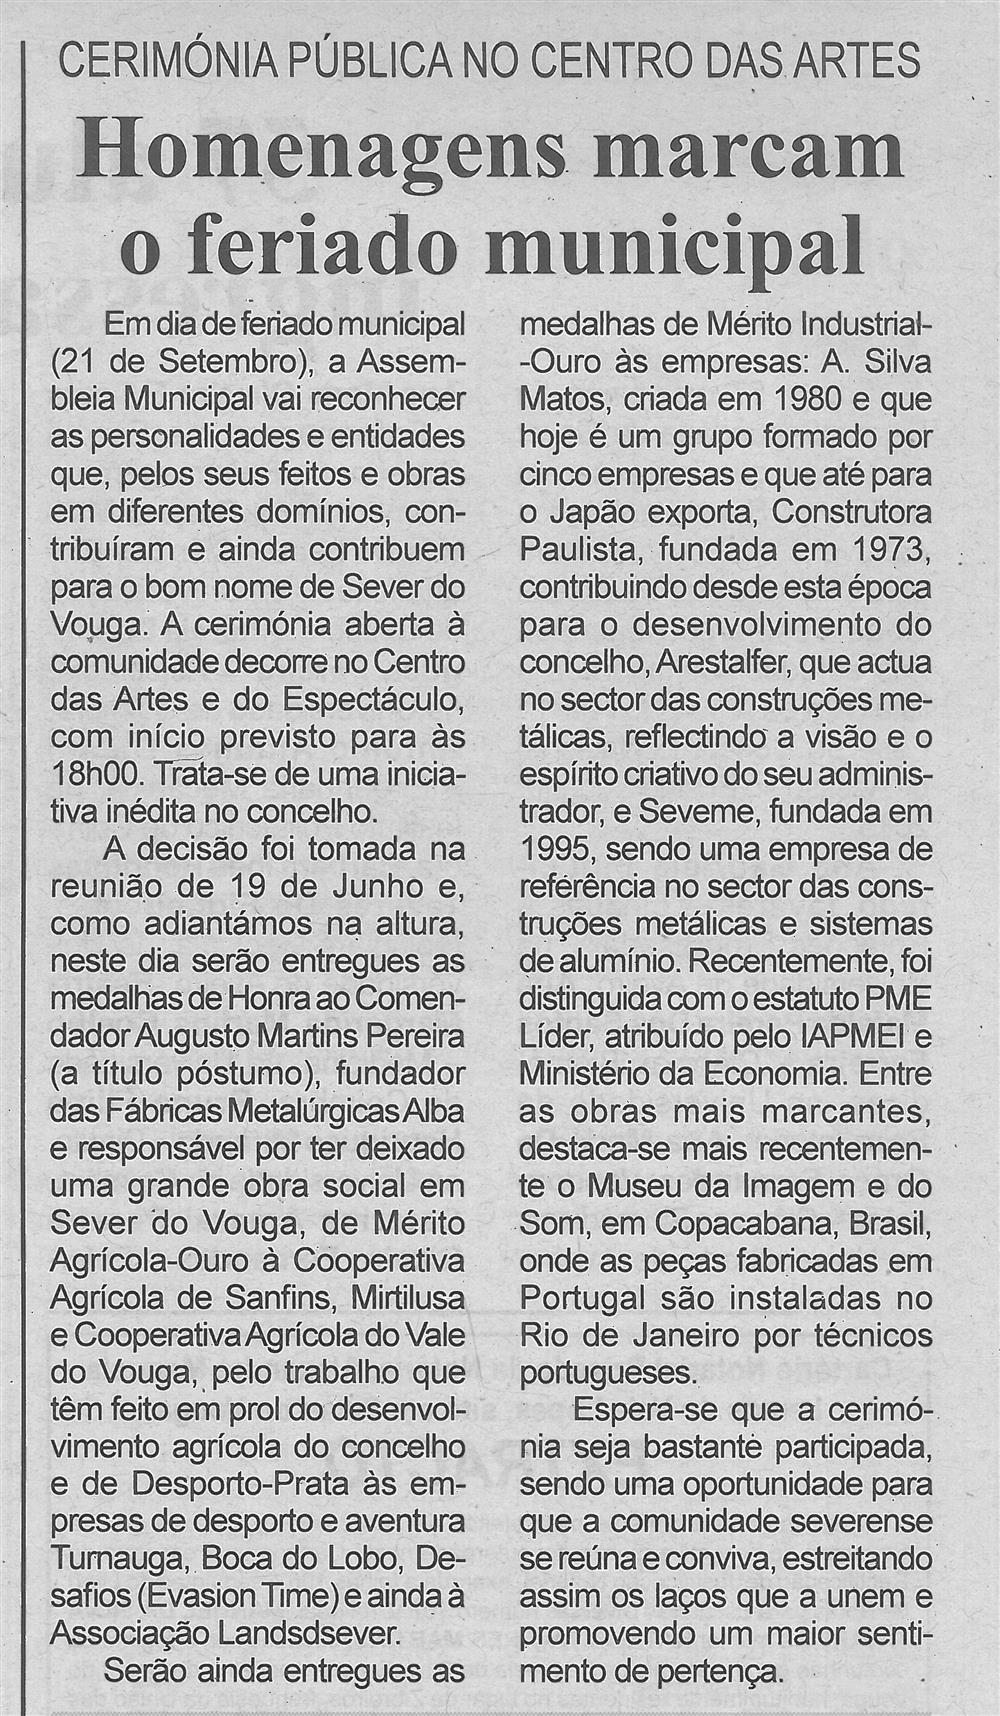 BV-2ªset.'15-p.5-Homenagens marcam o feriado municipal : cerimónia pública no Centro das Artes.jpg